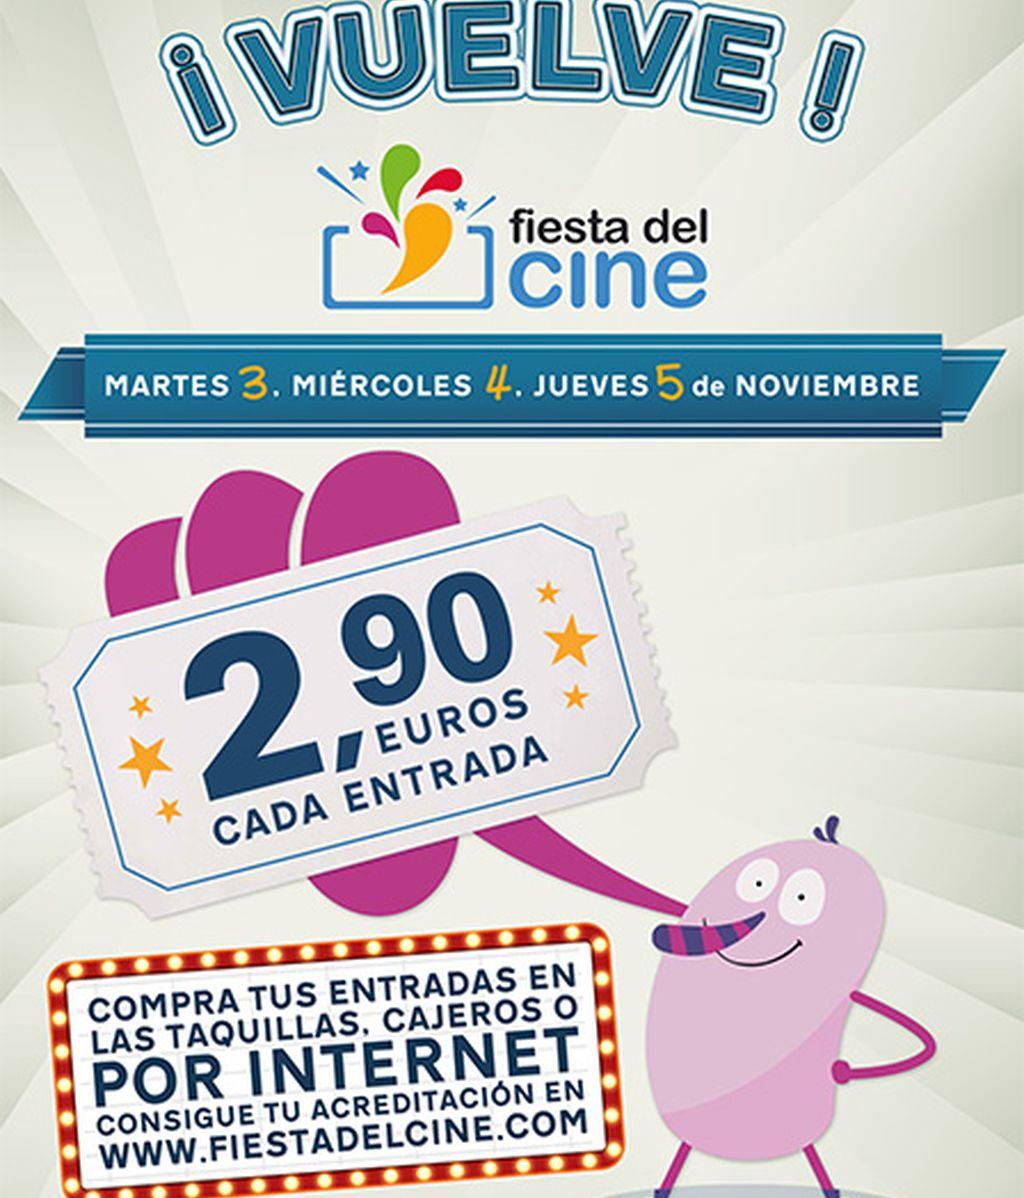 Cartel de la Fiesta del Cine 2015